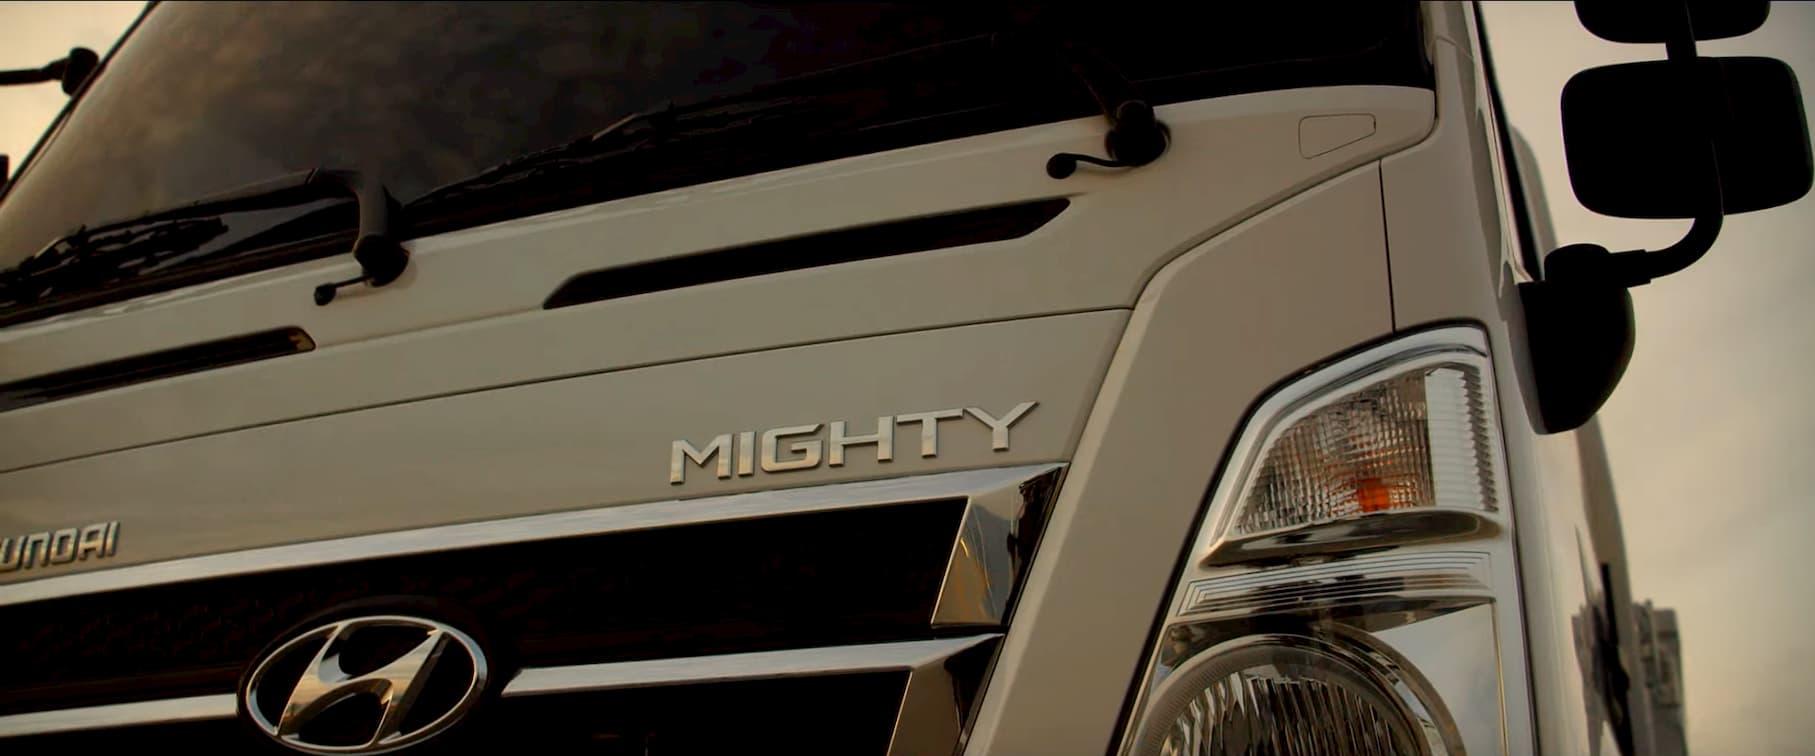 Thiết kế đột phá của xe tải Hyundai Mighty EX